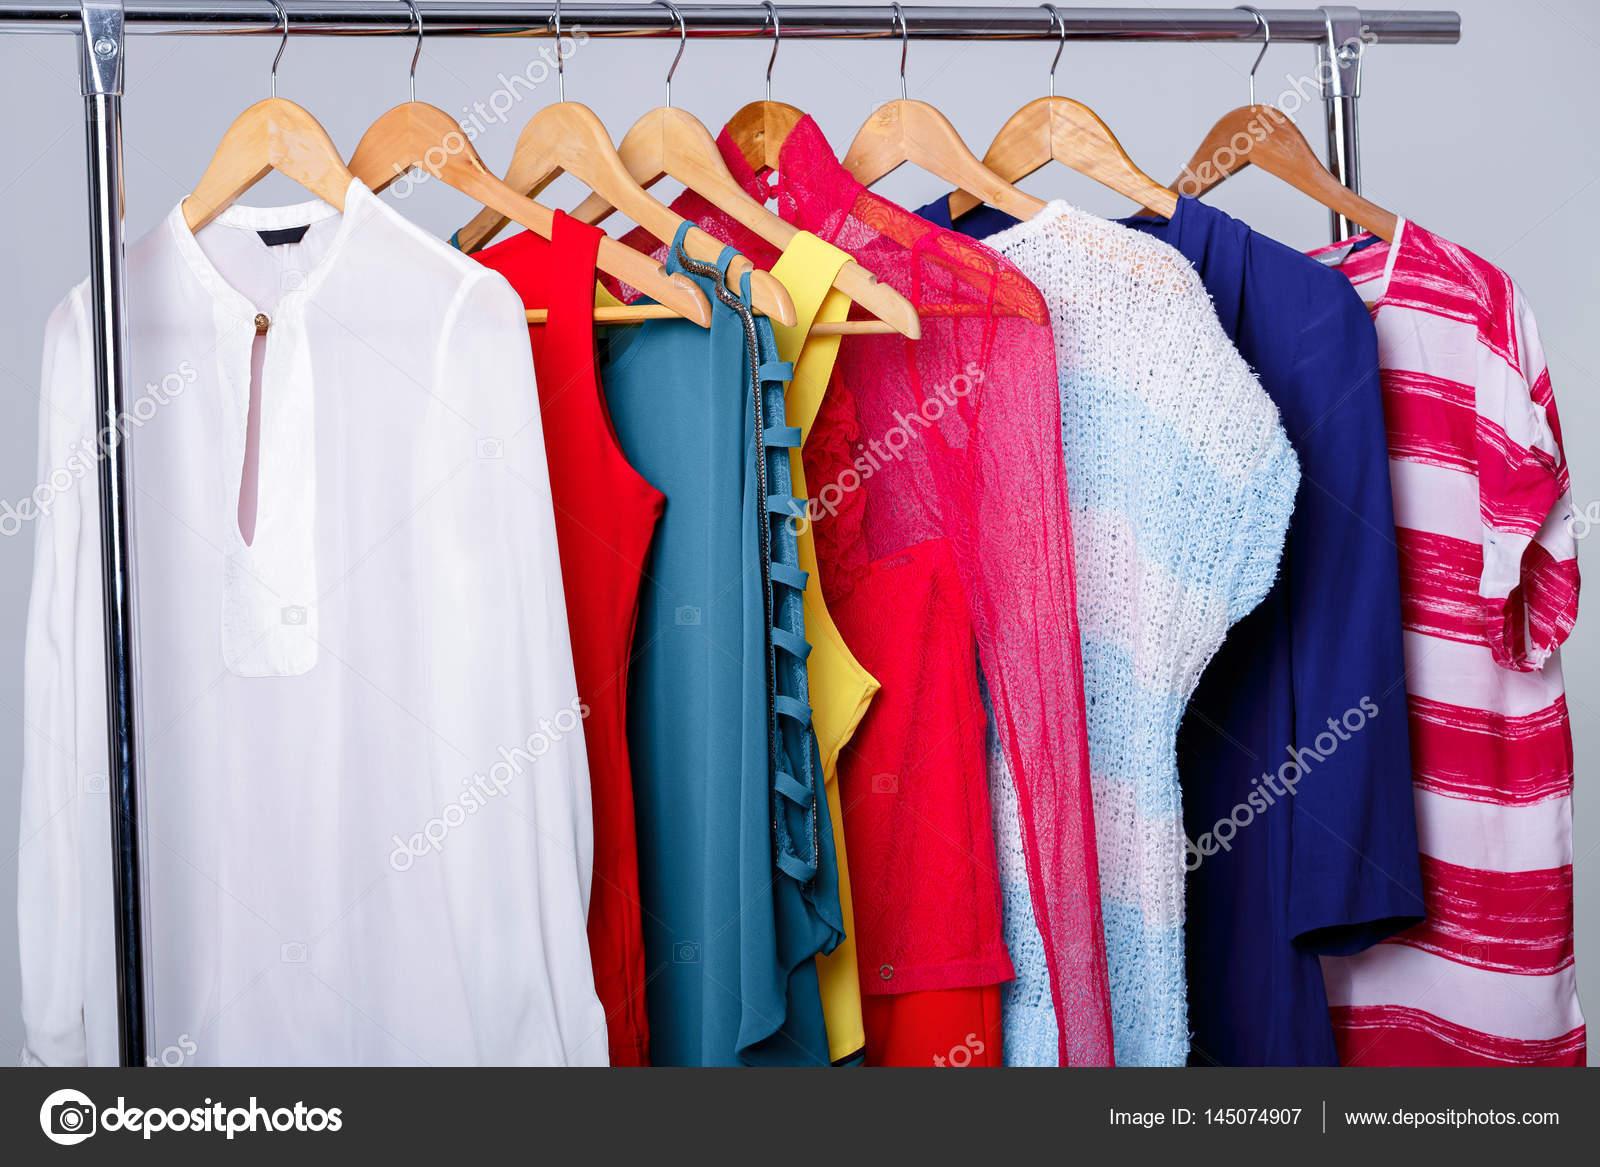 3281989e4 Színes női ruhát akasztók-állvány-szürke háttér. w — Stock Fotó ...